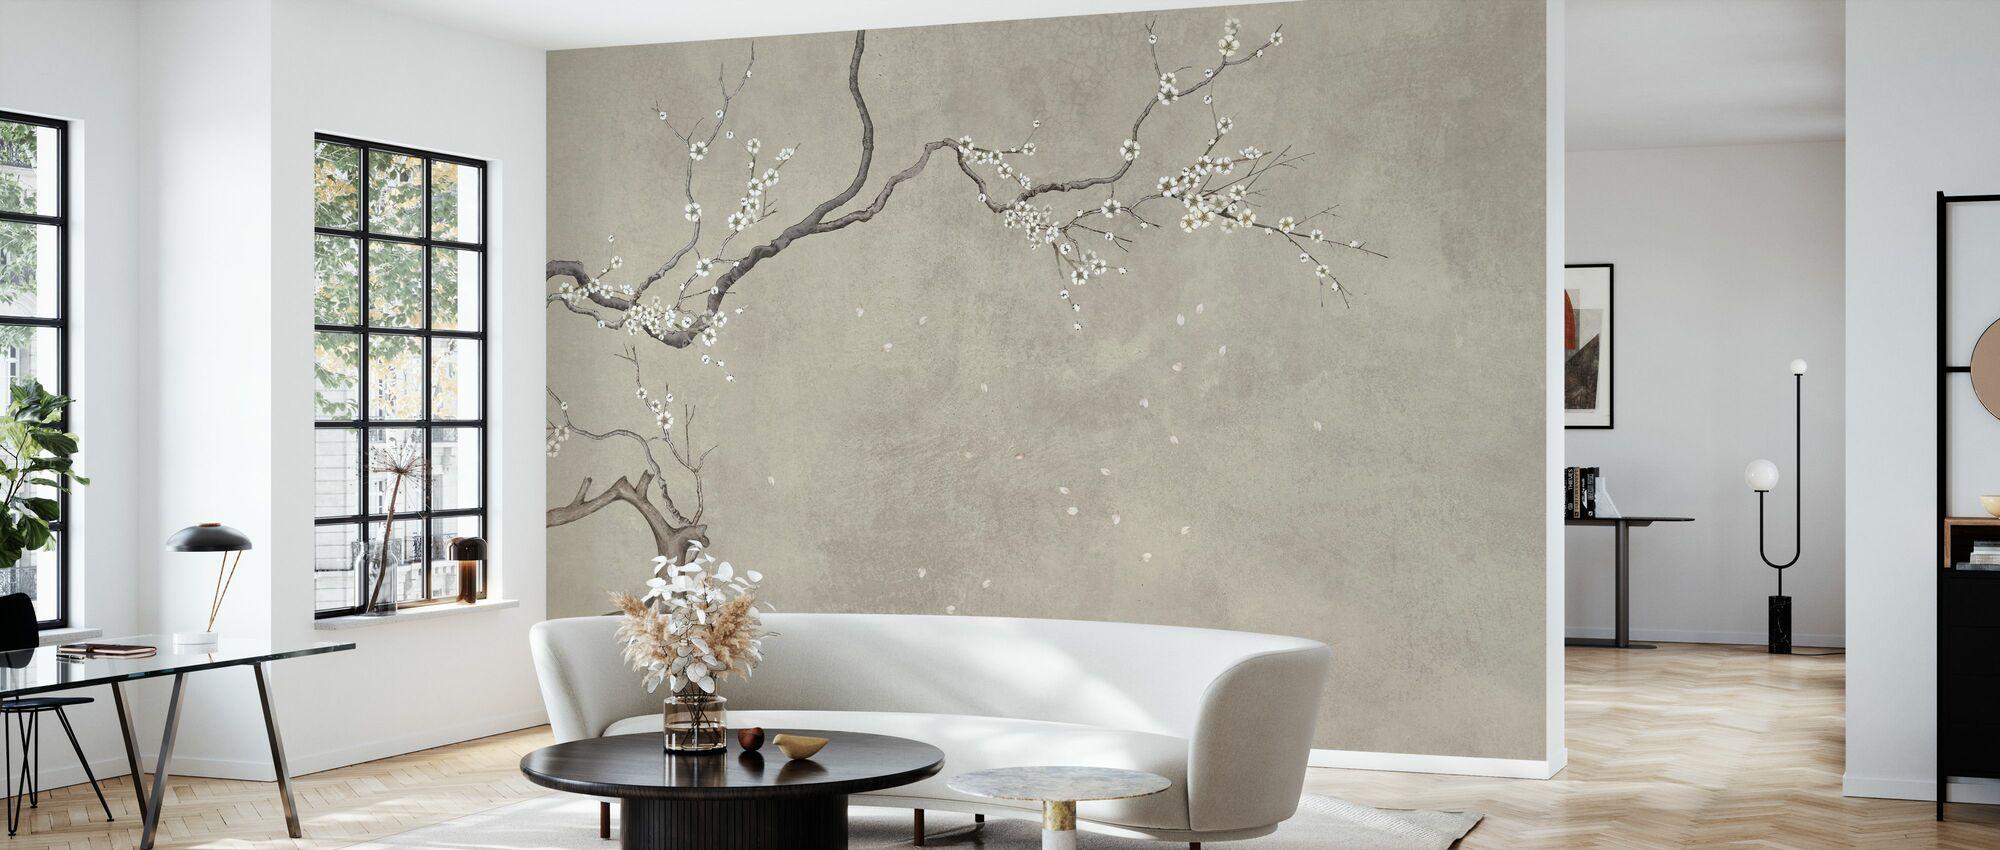 Chatoyer - Wallpaper - Living Room